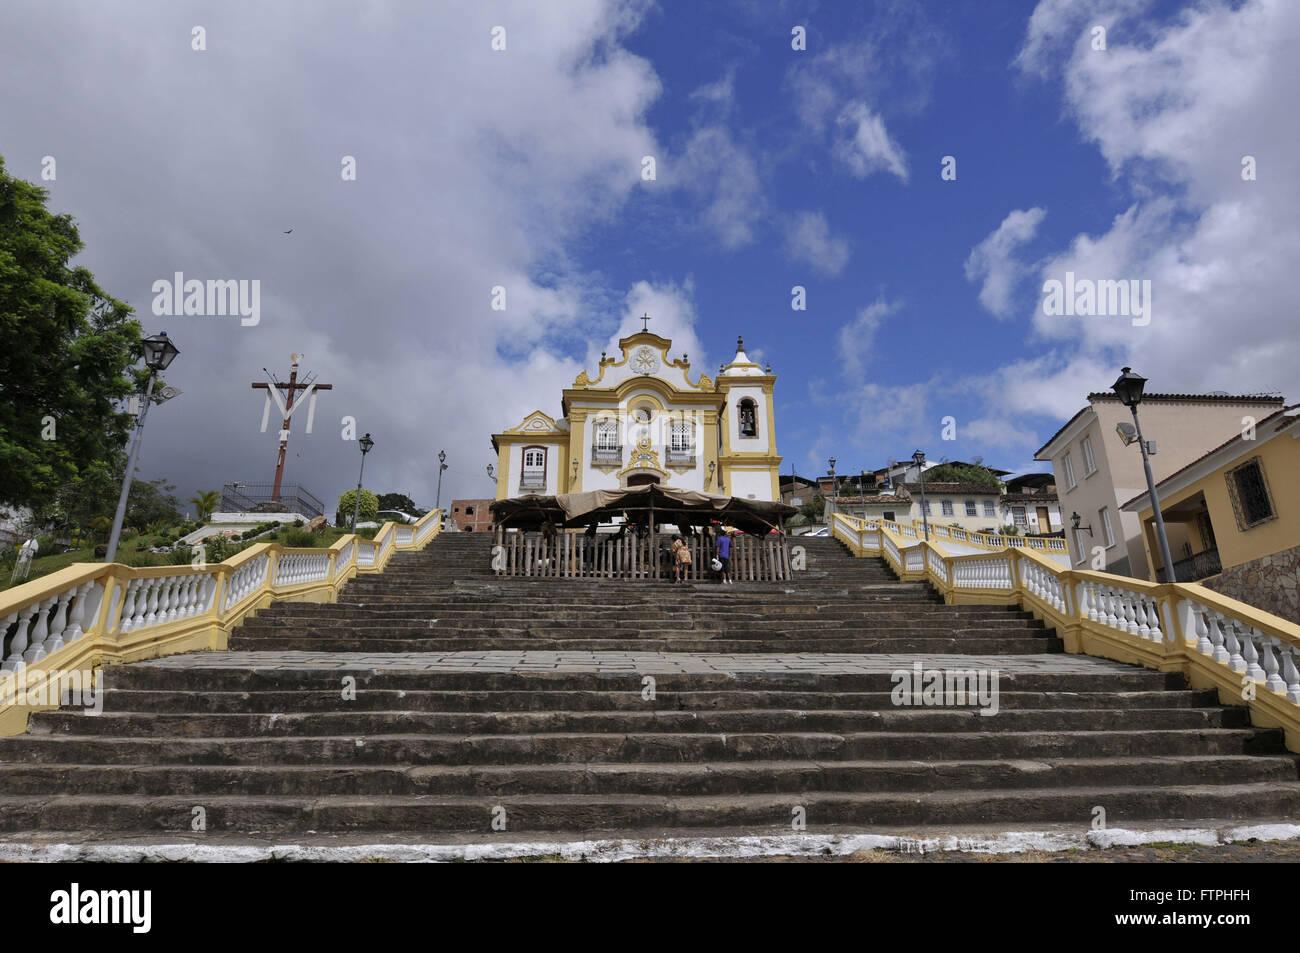 Church Our Lady of Merces with presepio on staircase - Praca Dom Pedro II or Largo das Merces - Stock Image